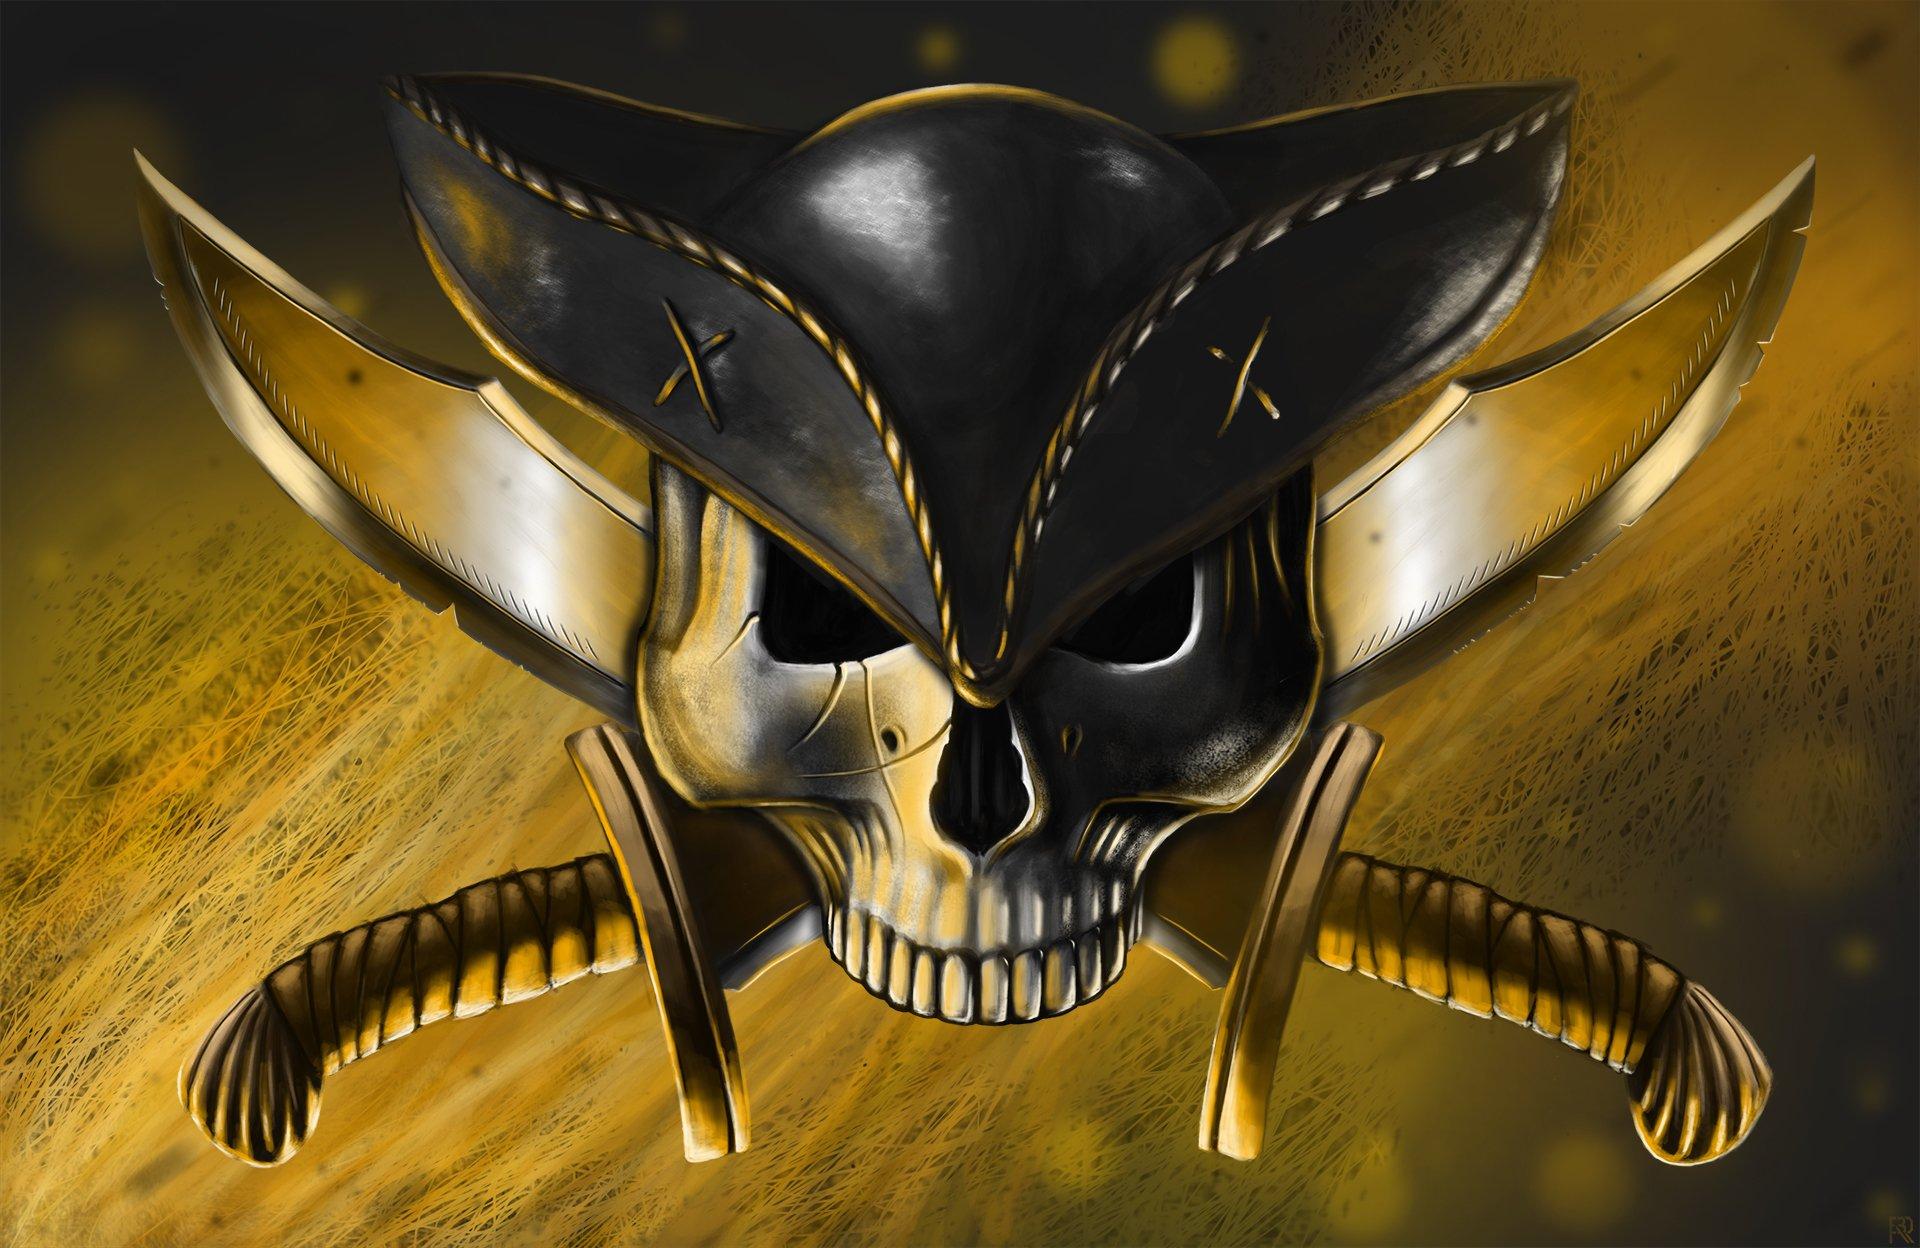 Мысли в Слух #Ex-Pirate. - Изображение 1